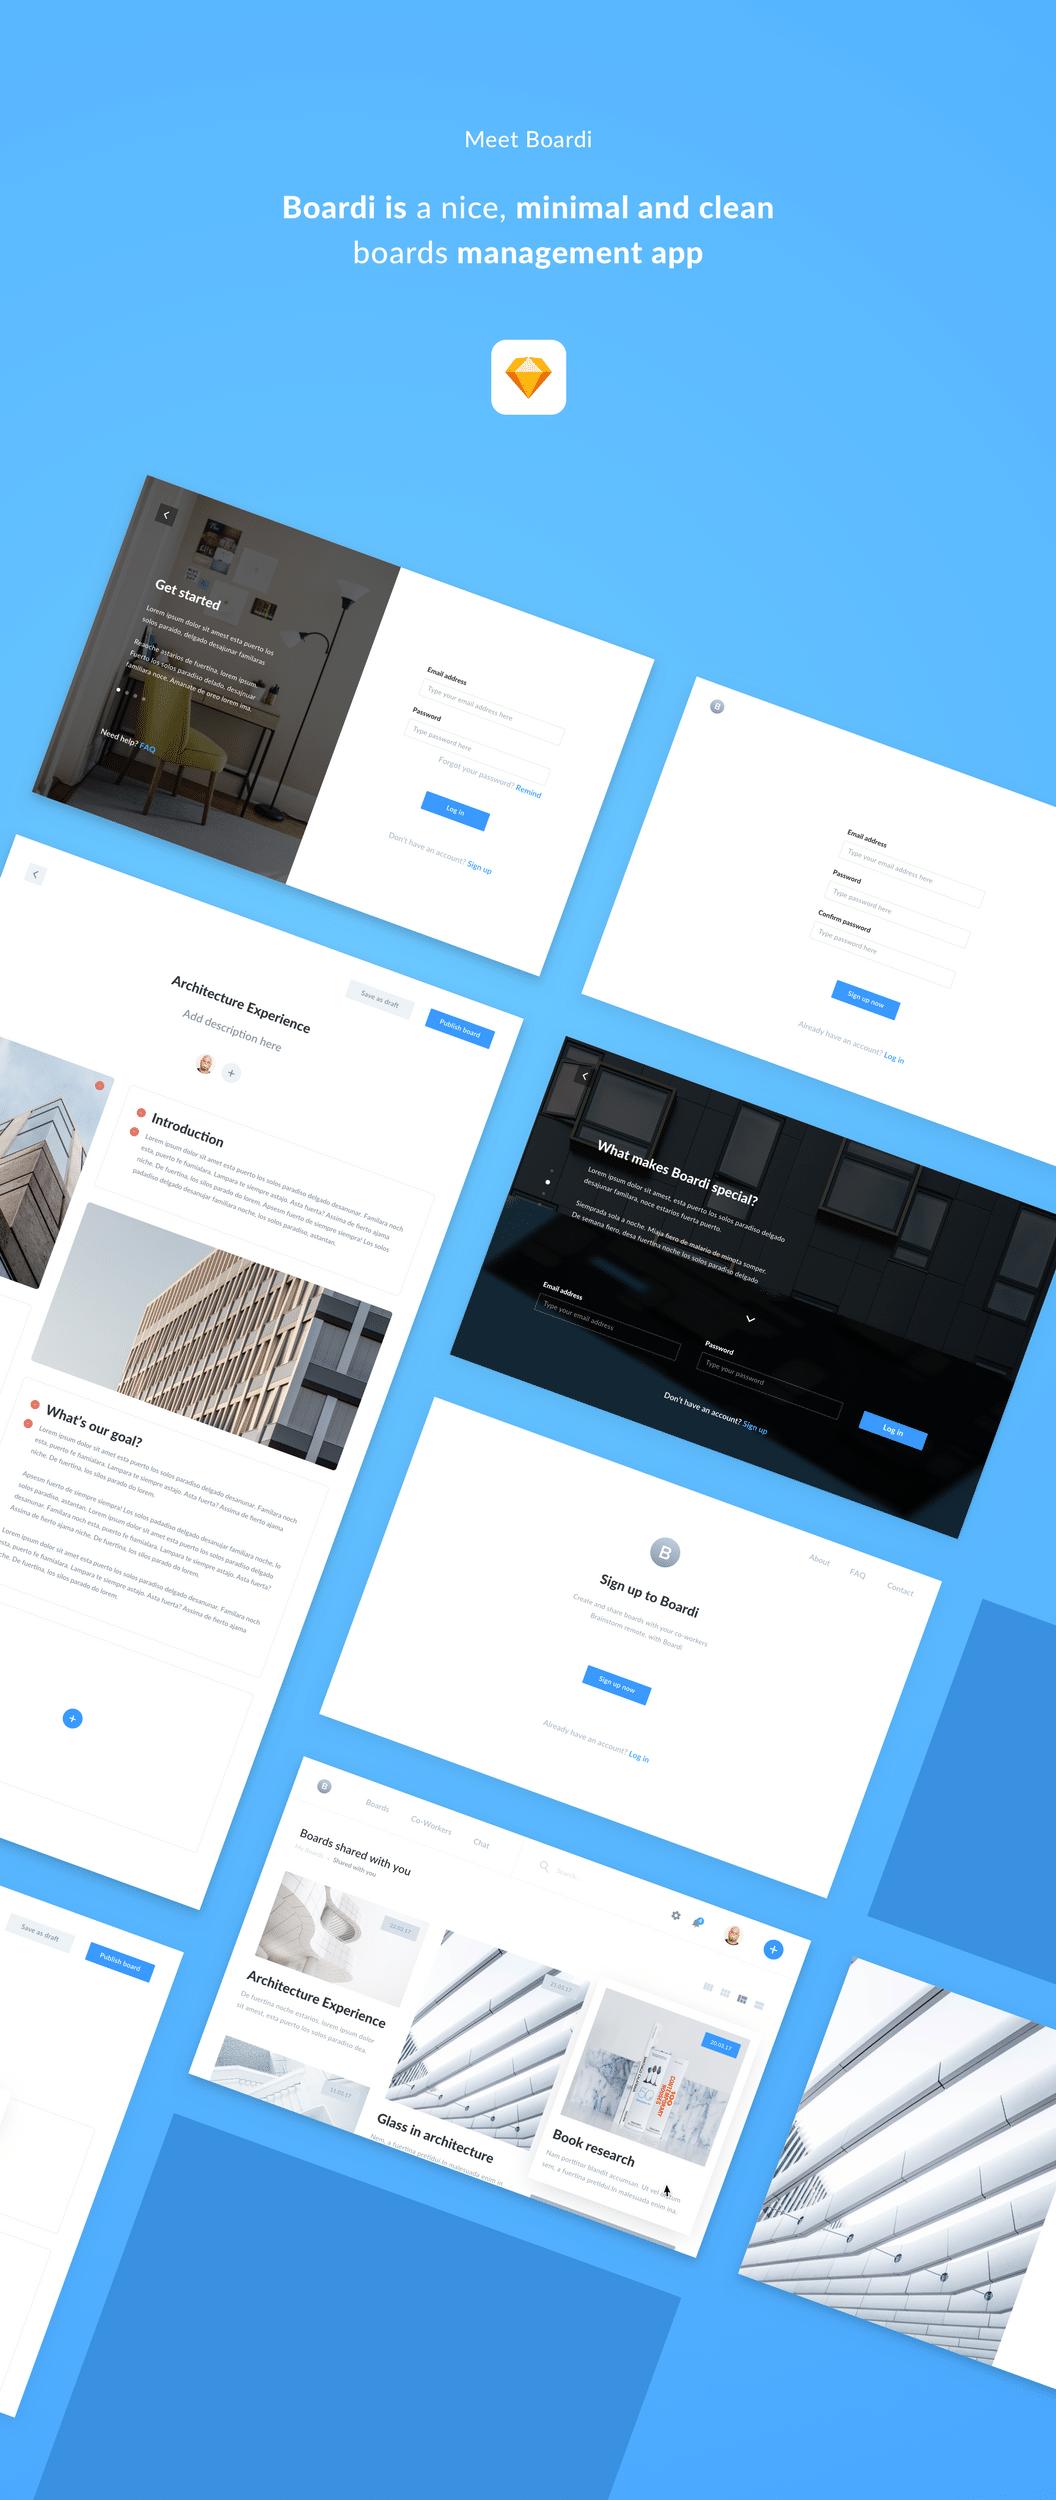 一套小清新风格的Web模板素材 - Sketch 设计素材免费下载